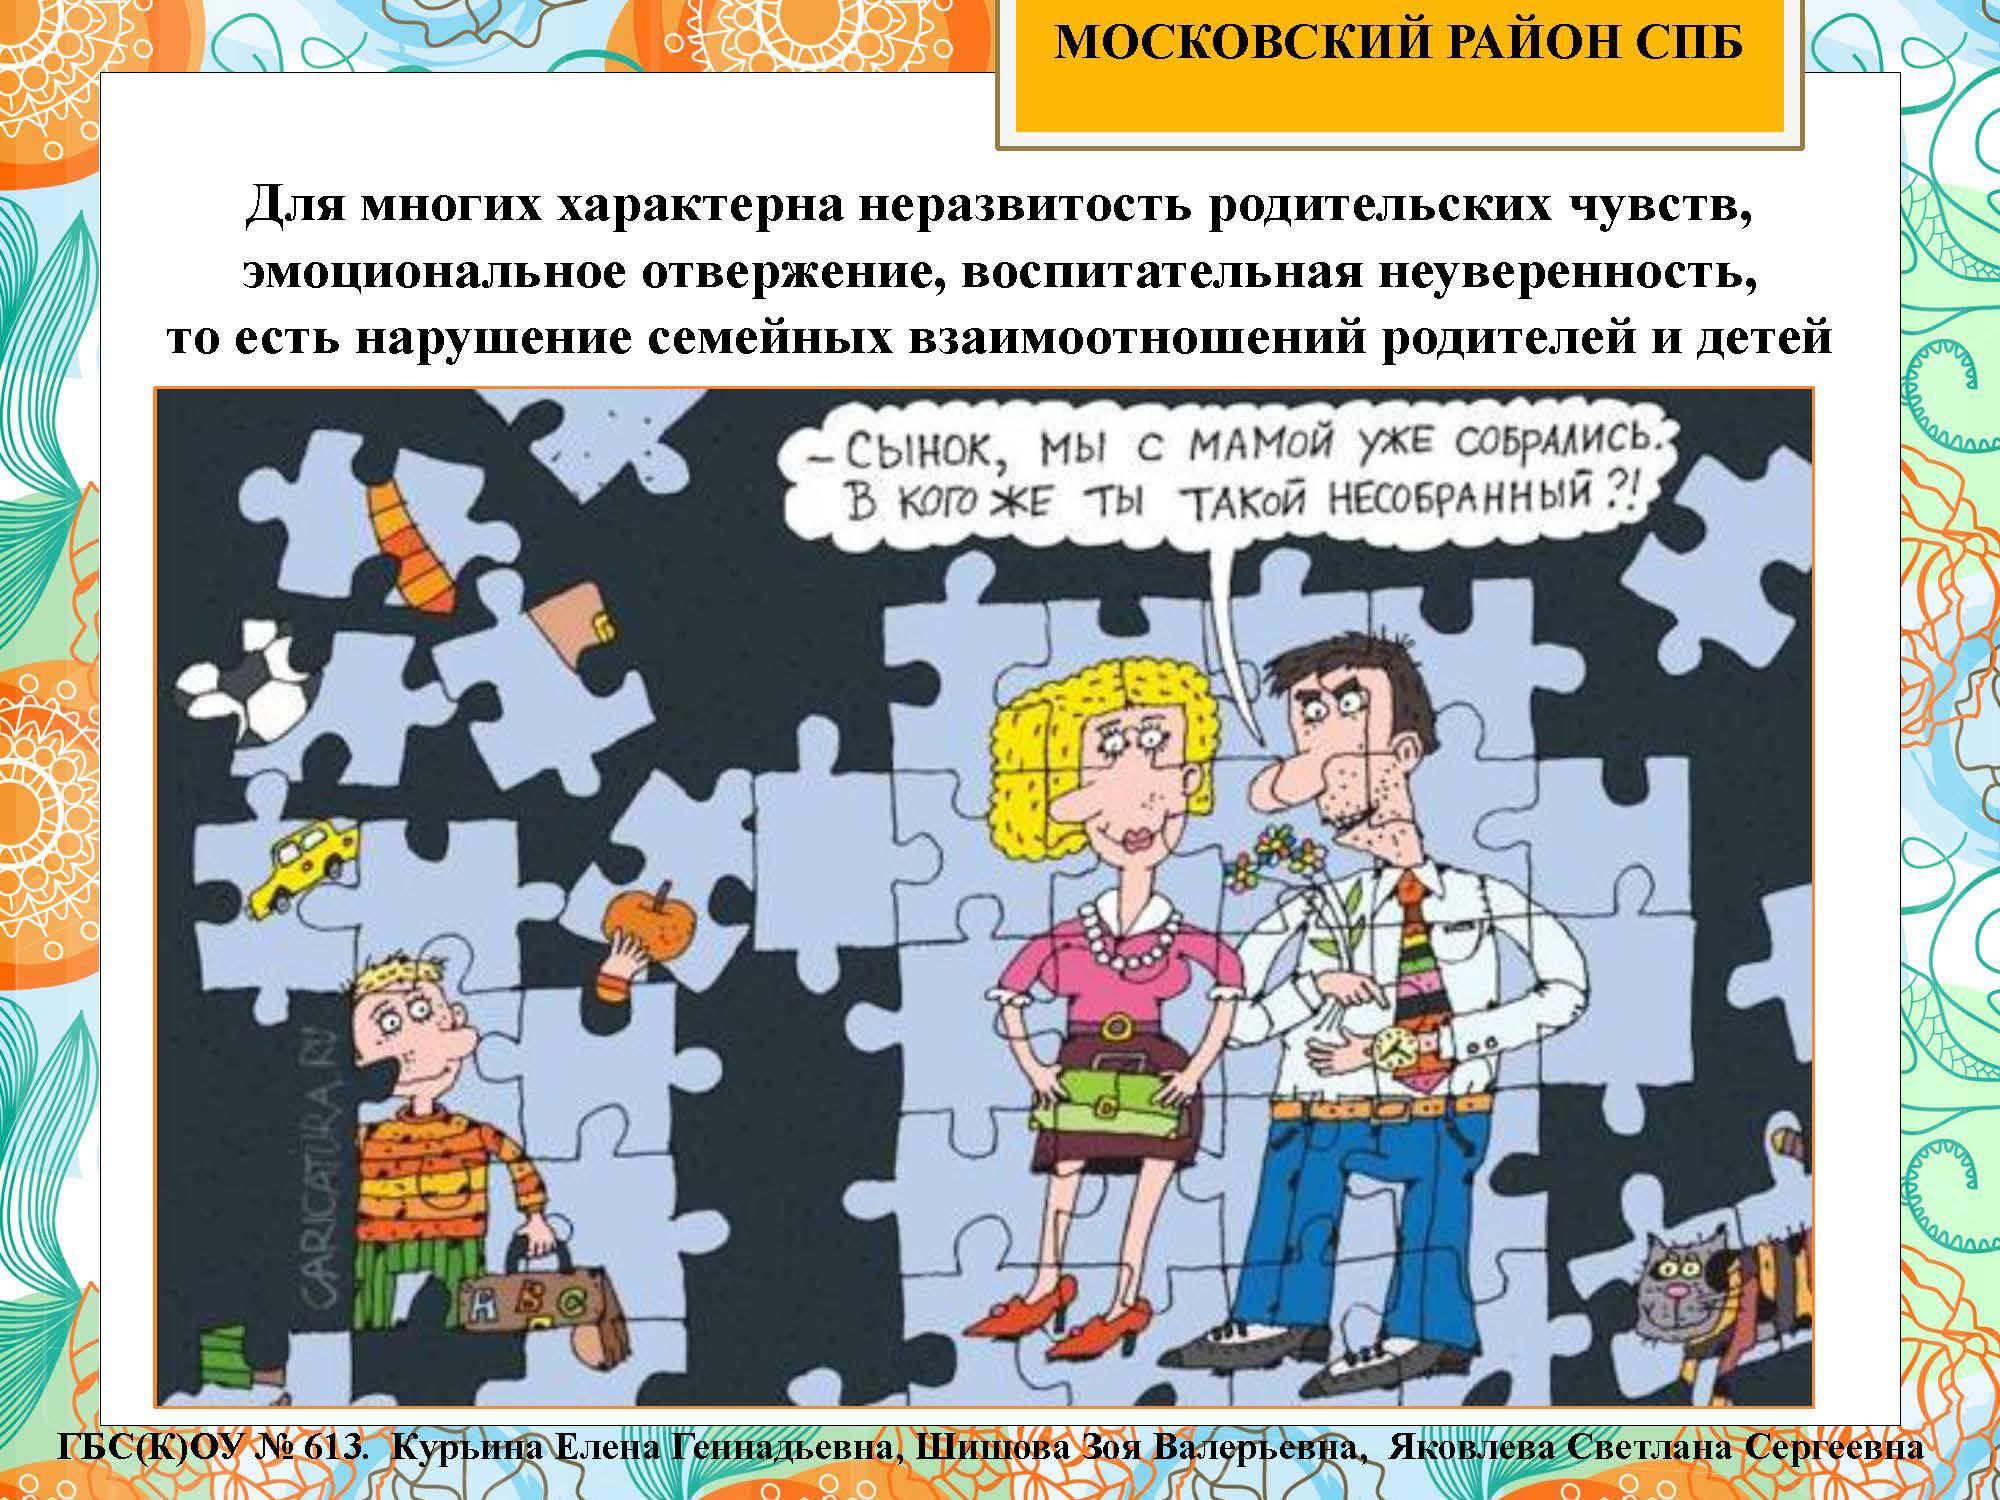 секция 8. ГБС(К)ОУ 613. Московский район_Страница_06